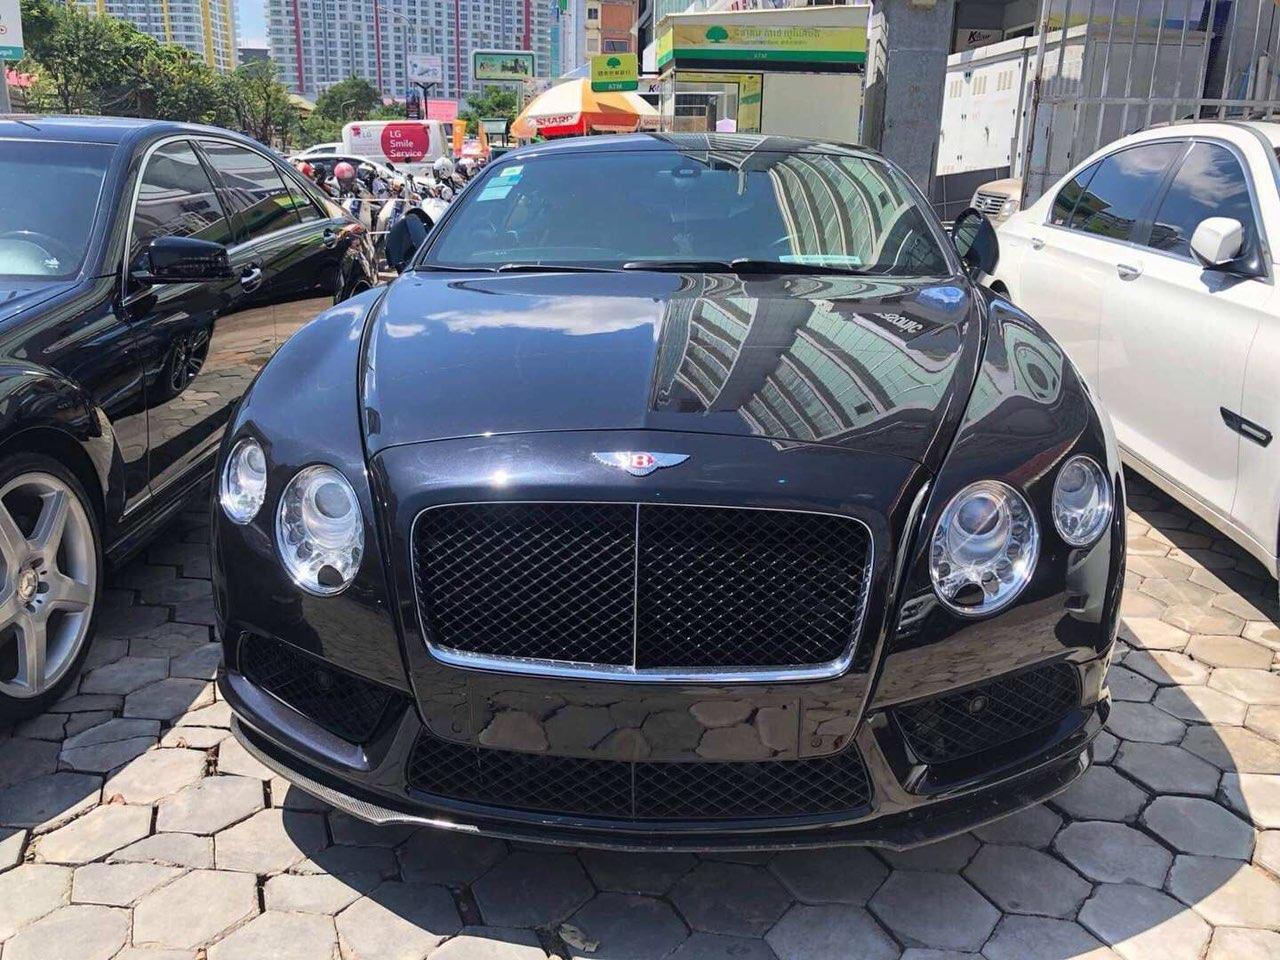 西港现手上车源有许多各款汽车 出租或出售!赶紧联系我!!!